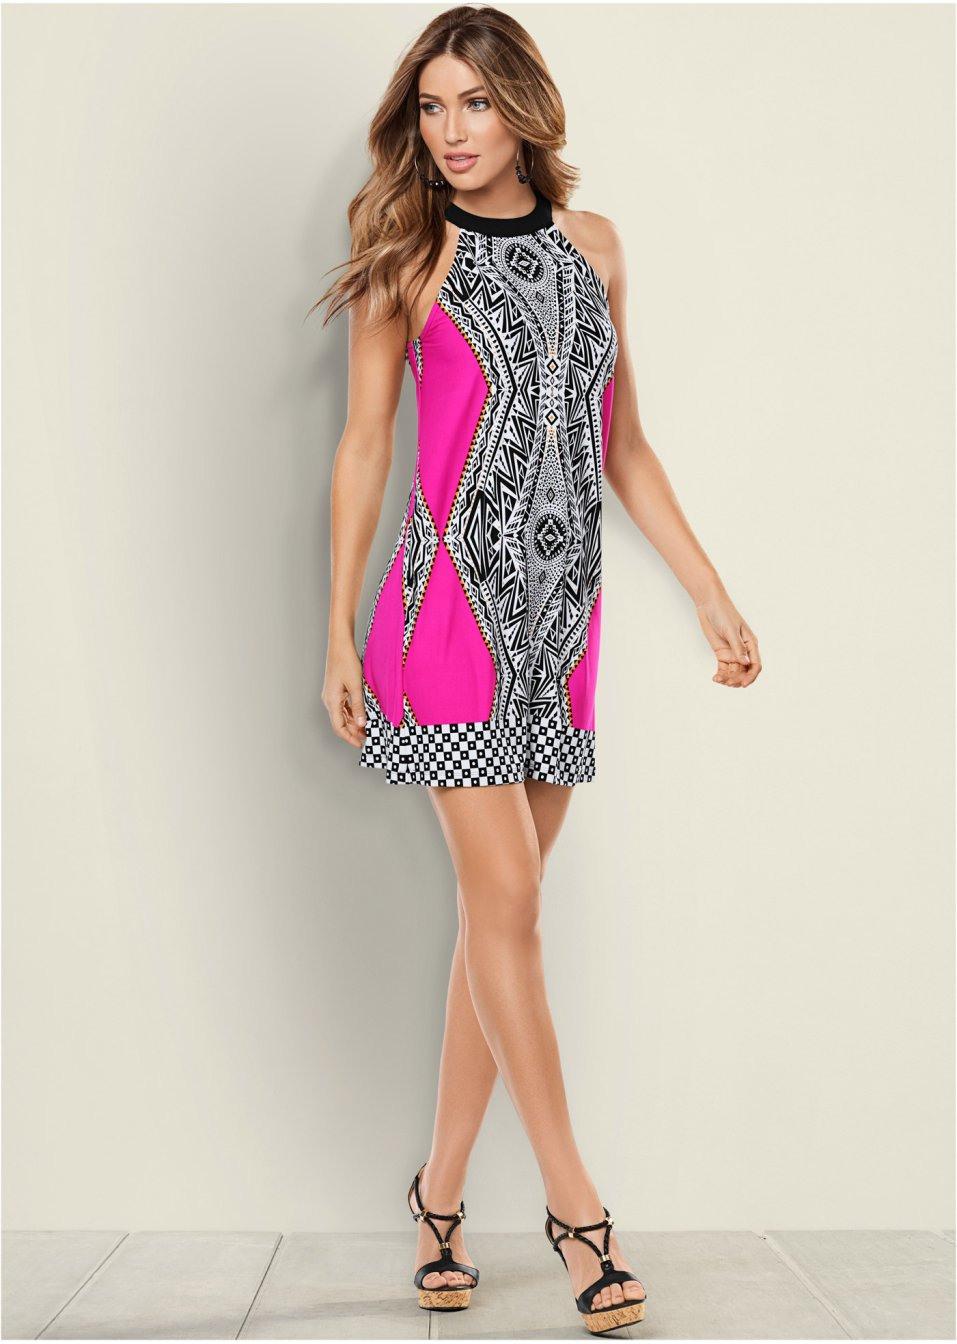 Neckholderkleid Pink/Schwarz  Bodyflirt Boutique Online